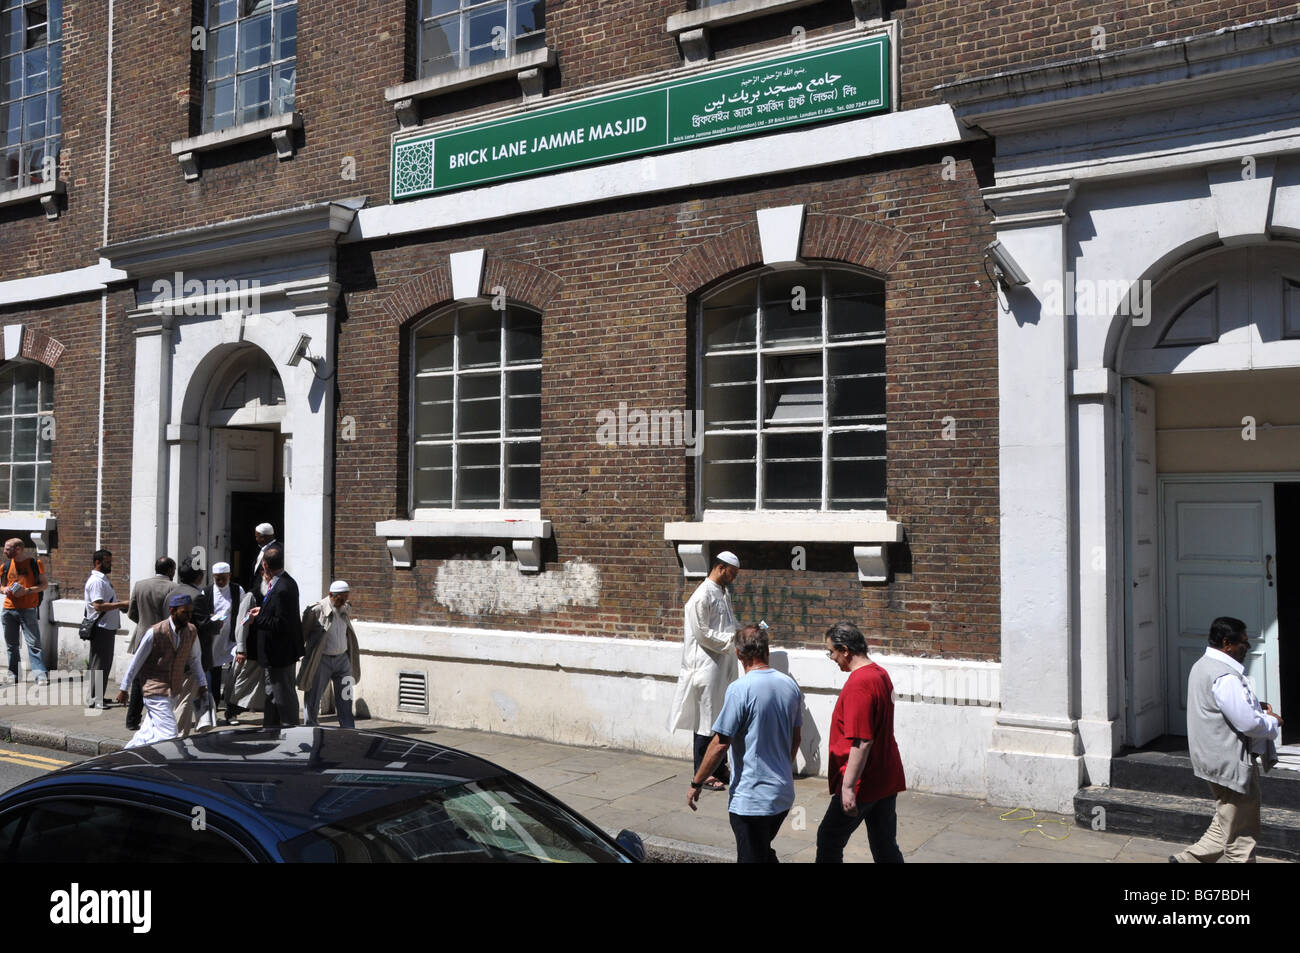 Le persone si radunano in una moschea a Londra il Brick Lane England Regno Unito Immagini Stock